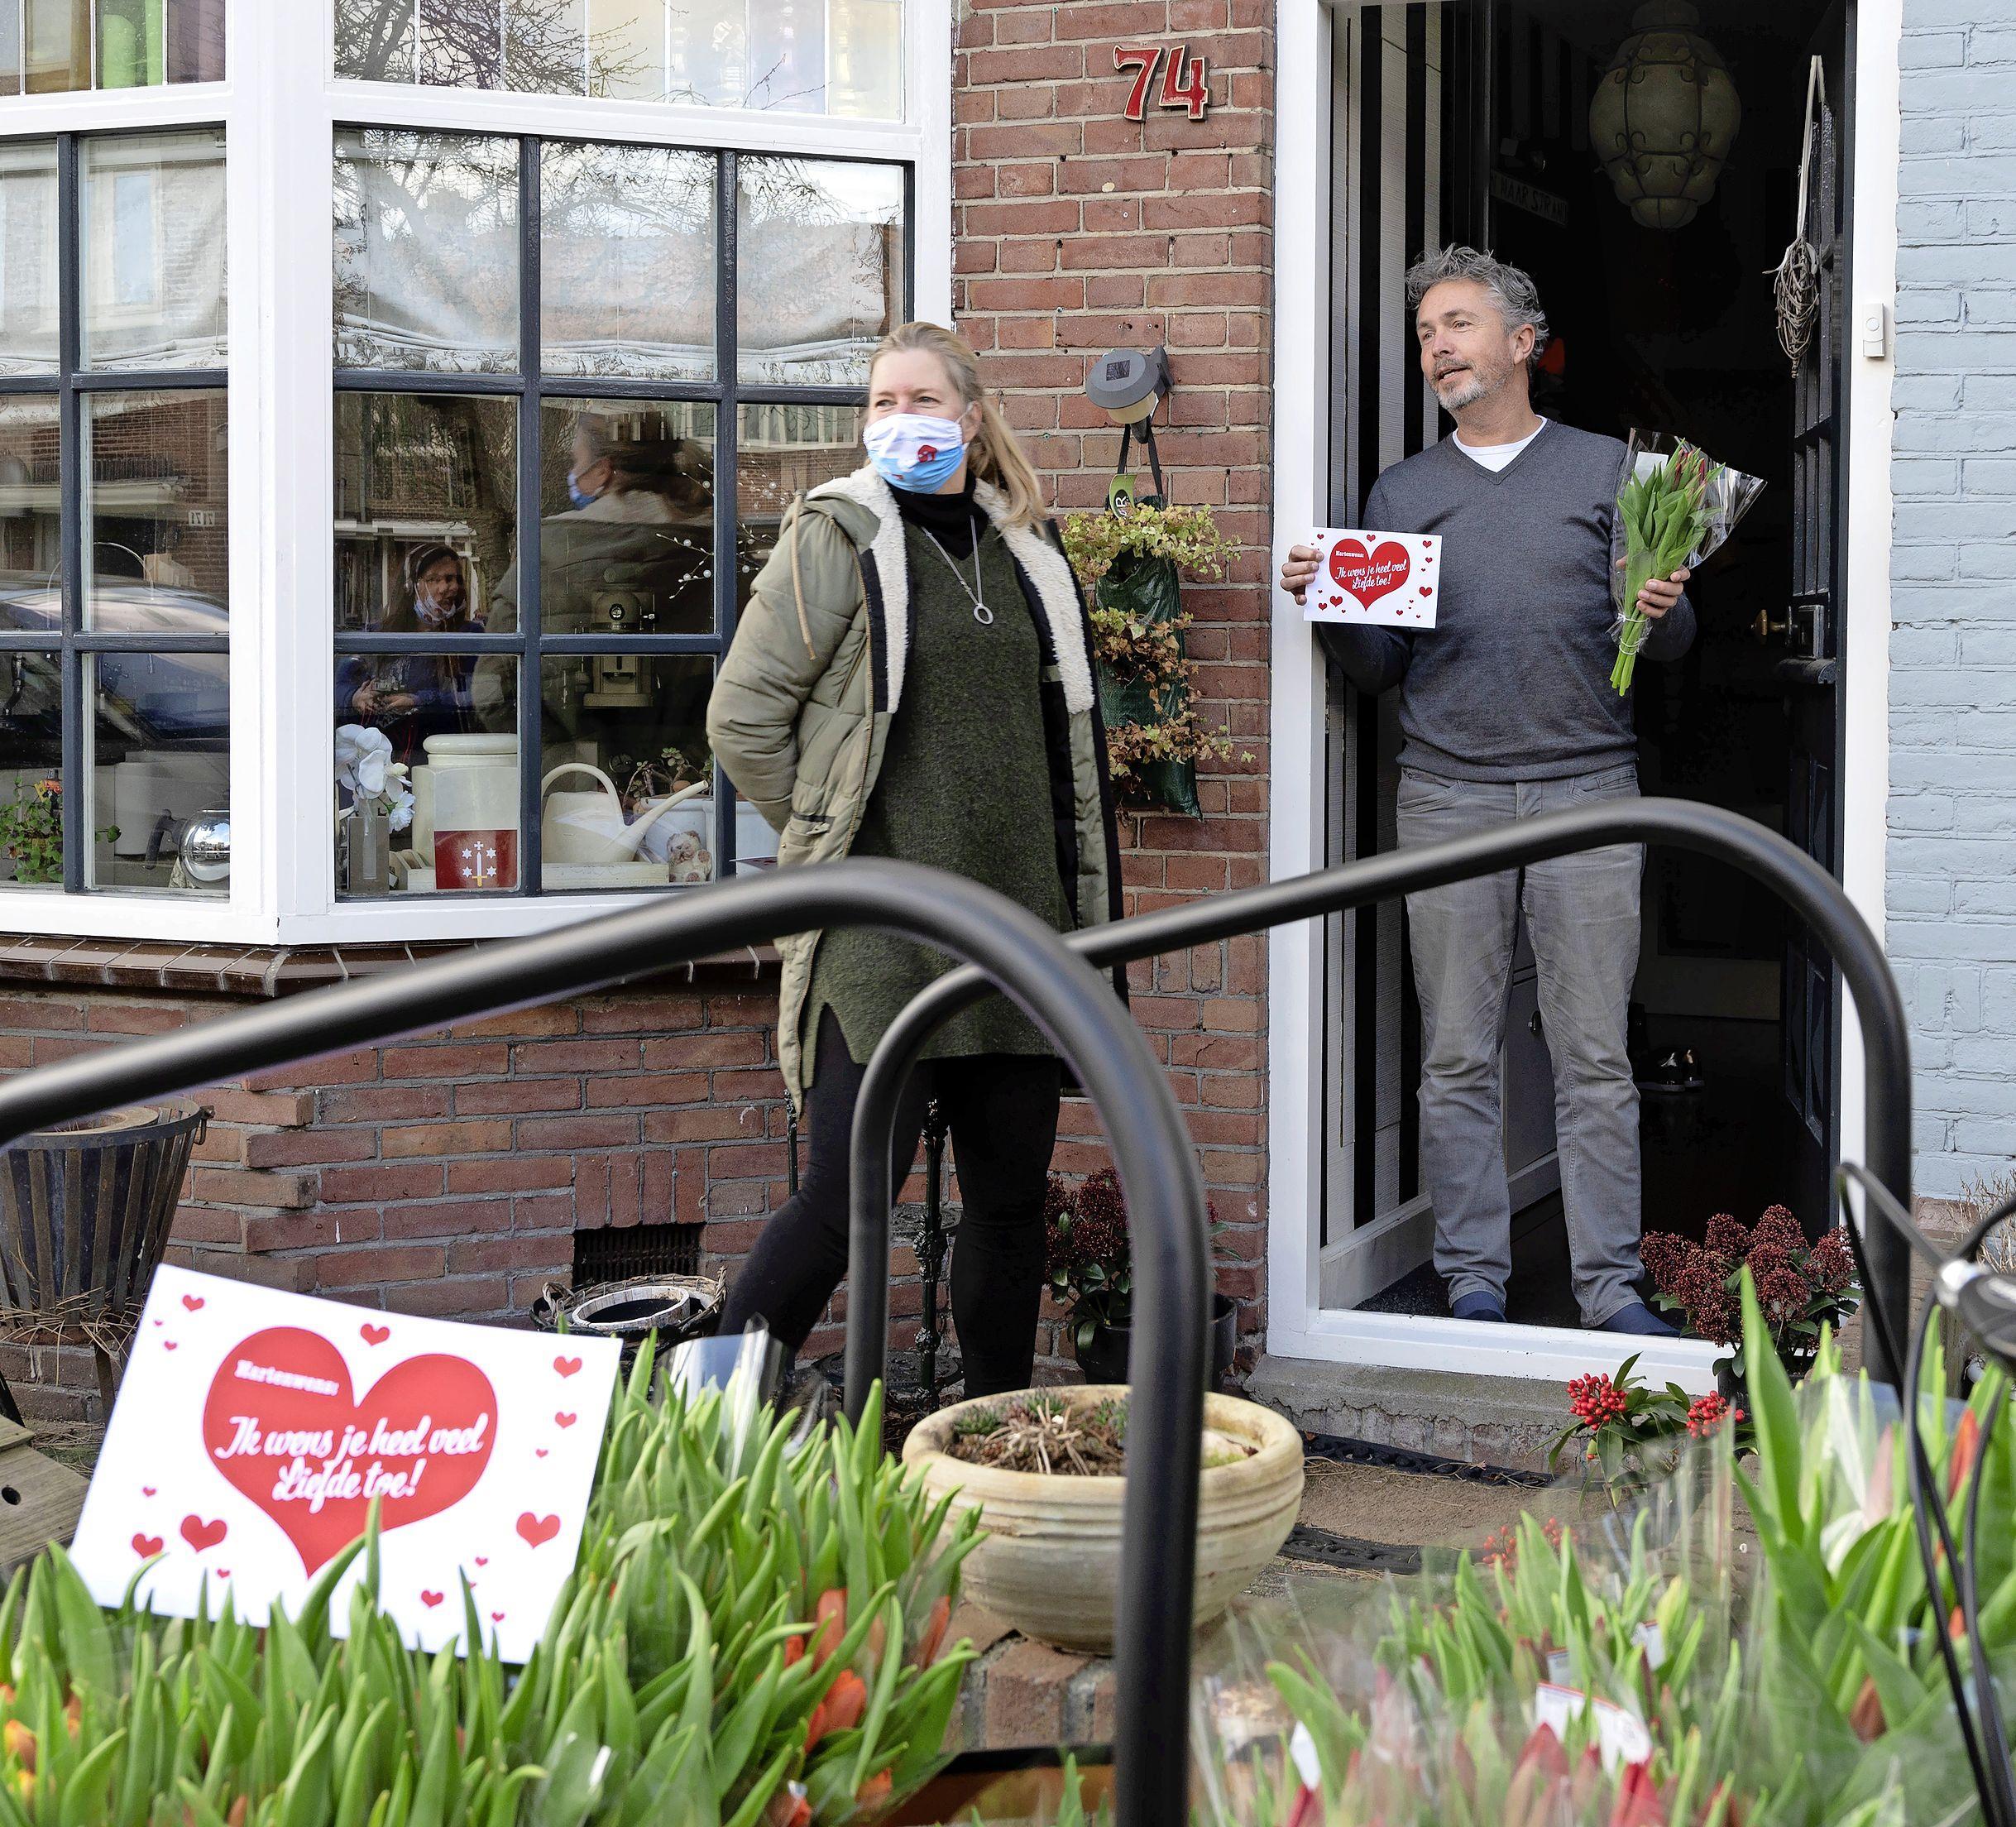 De Haarlemse Jorien laat haar droom in vervulling gaan. Hoe? Ze brengt tulpen langs bij 110 buren